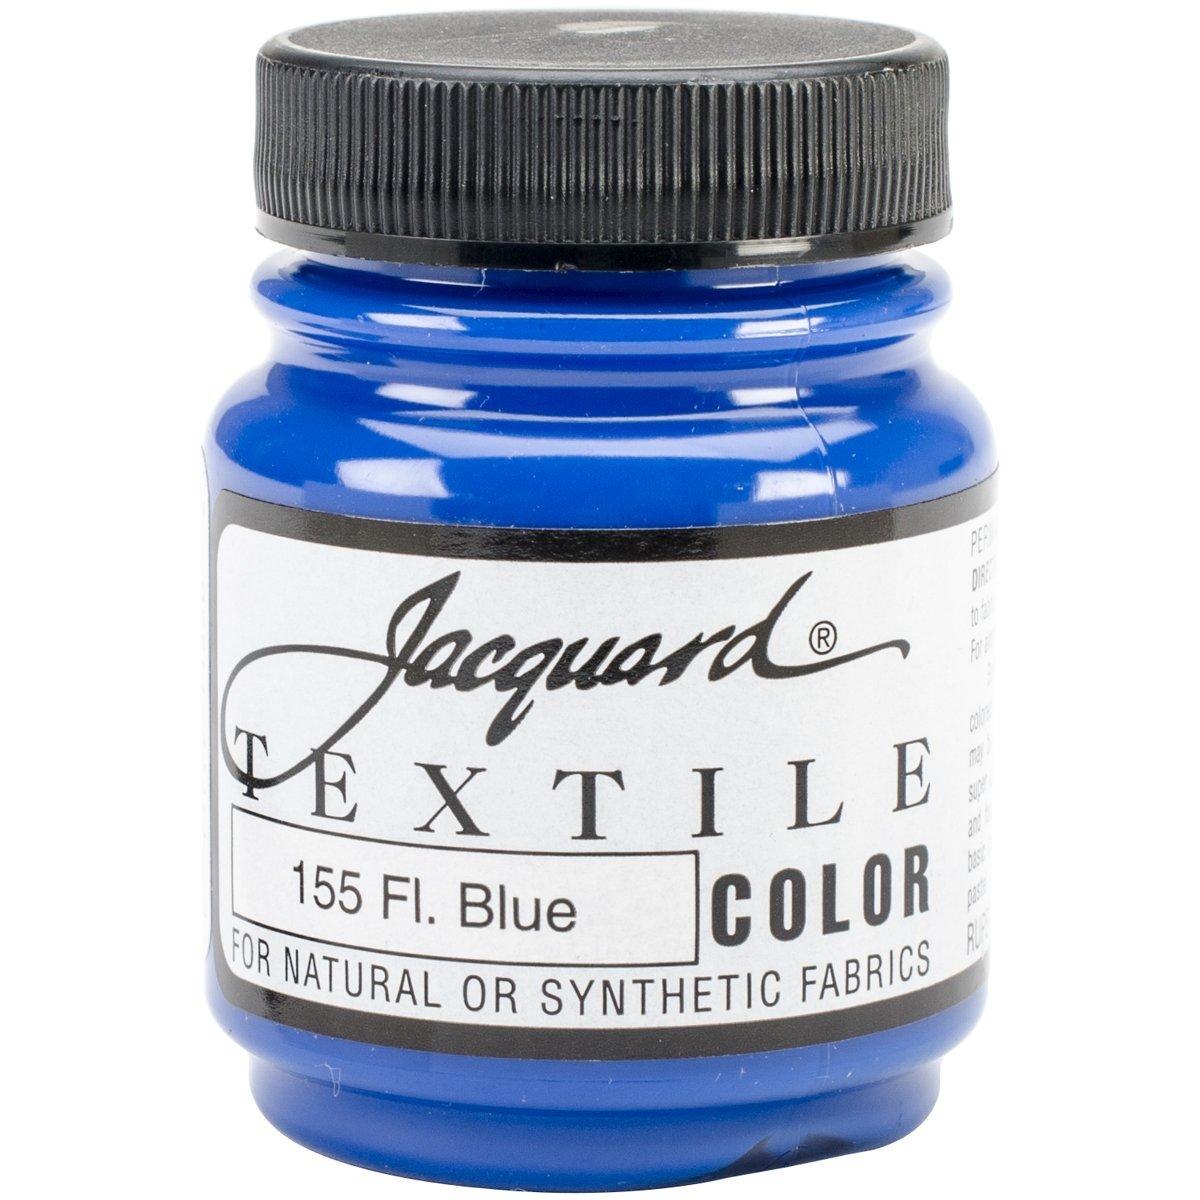 Jacquard, colore per tessuti, Acrilico, multicolour, 4.4400000000000004x4.4400000000000004x6.35 cm Jacquard Products TEXTILE-1155